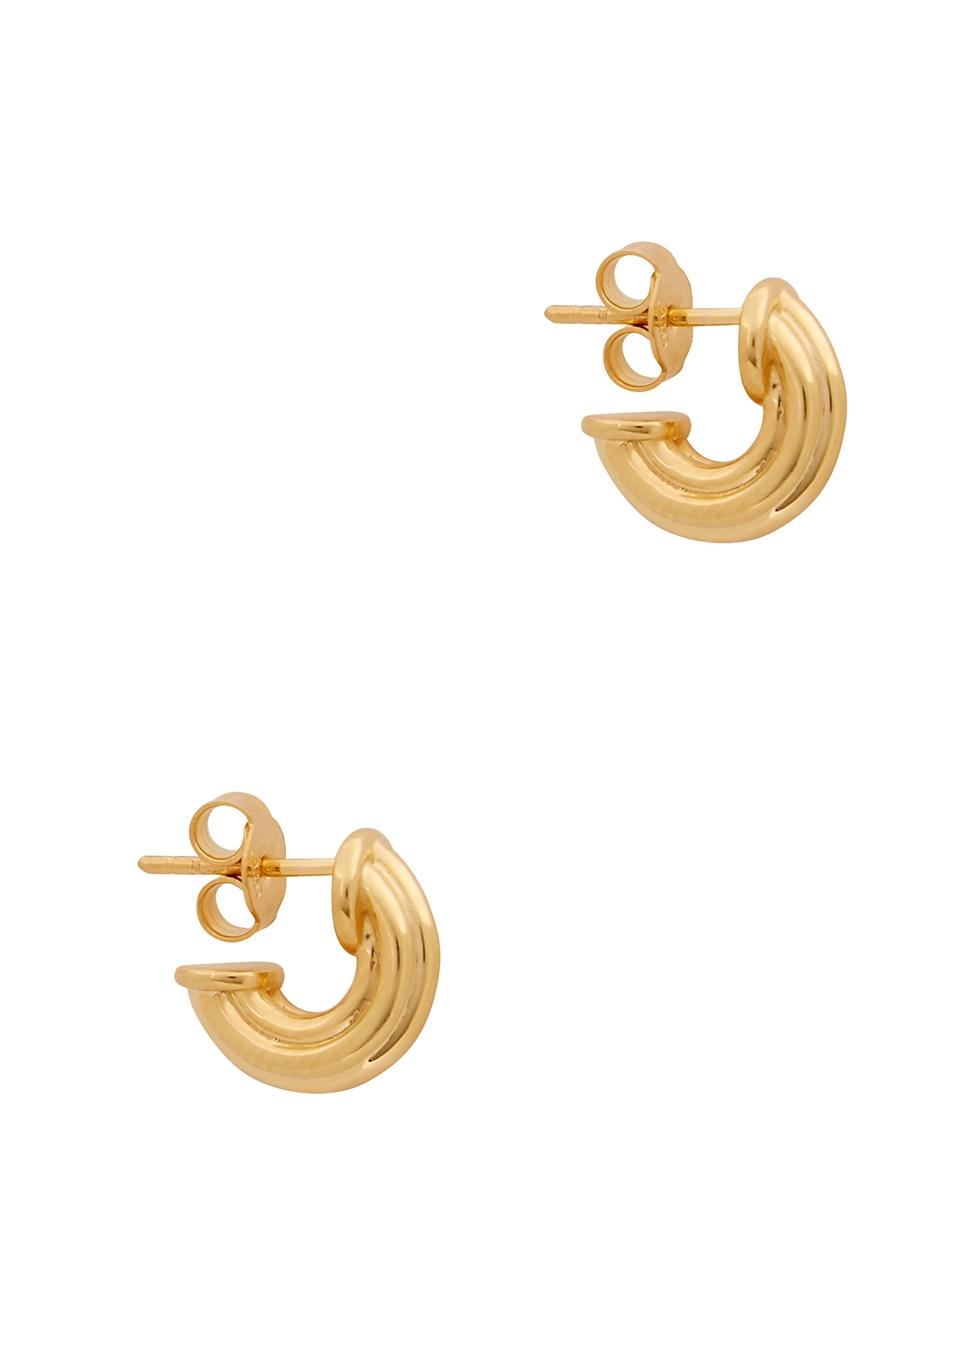 Ridge 18kt gold vermeil hoop earrings